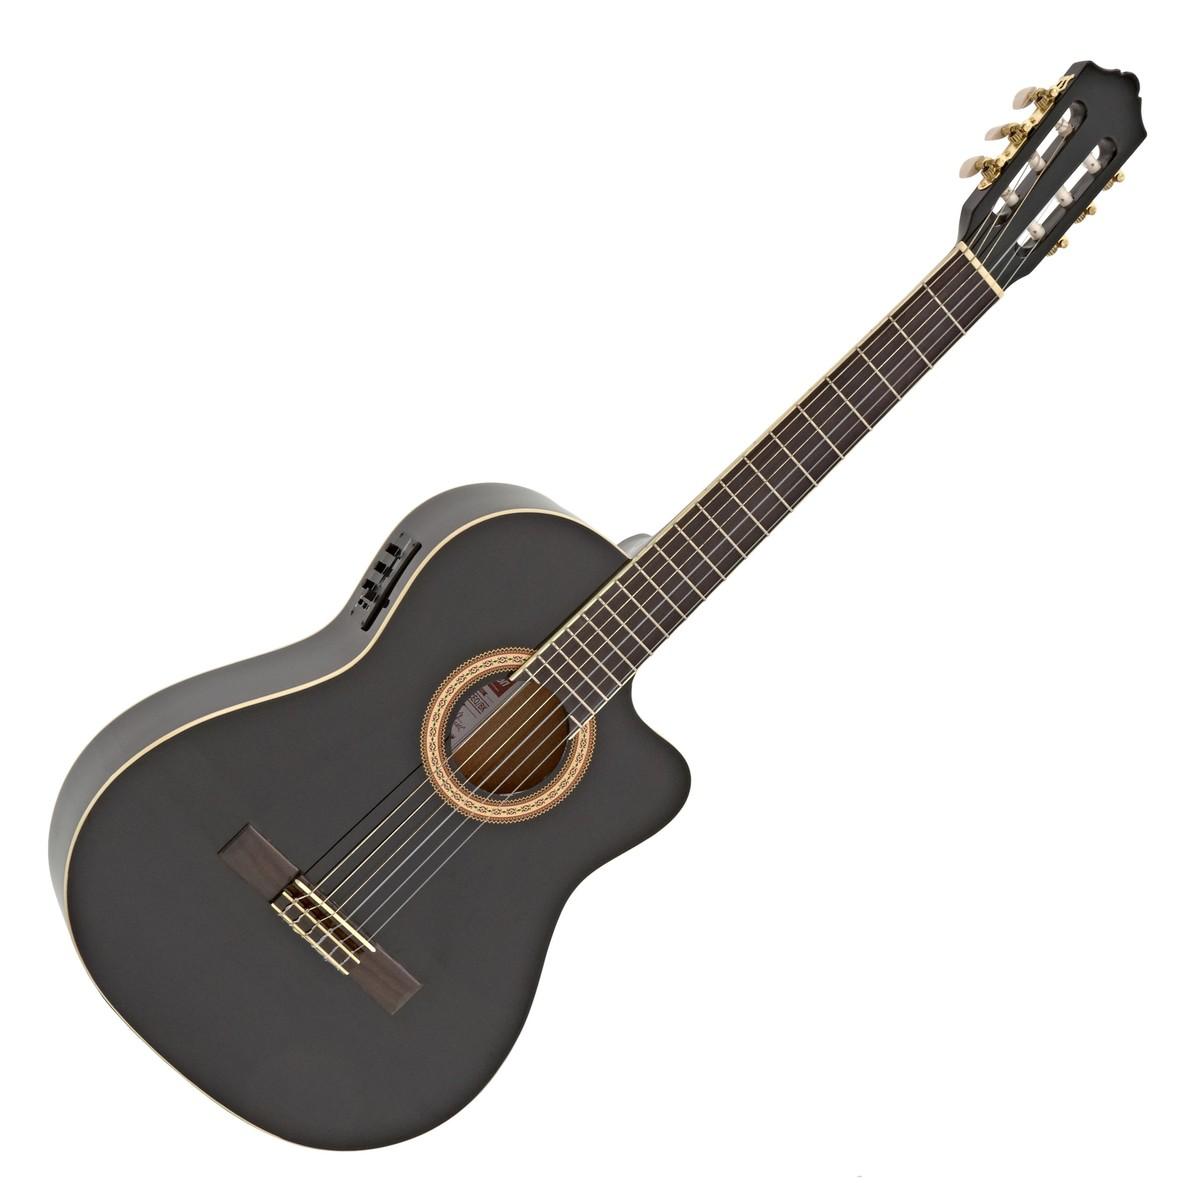 Yamaha Cg Classical Guitar